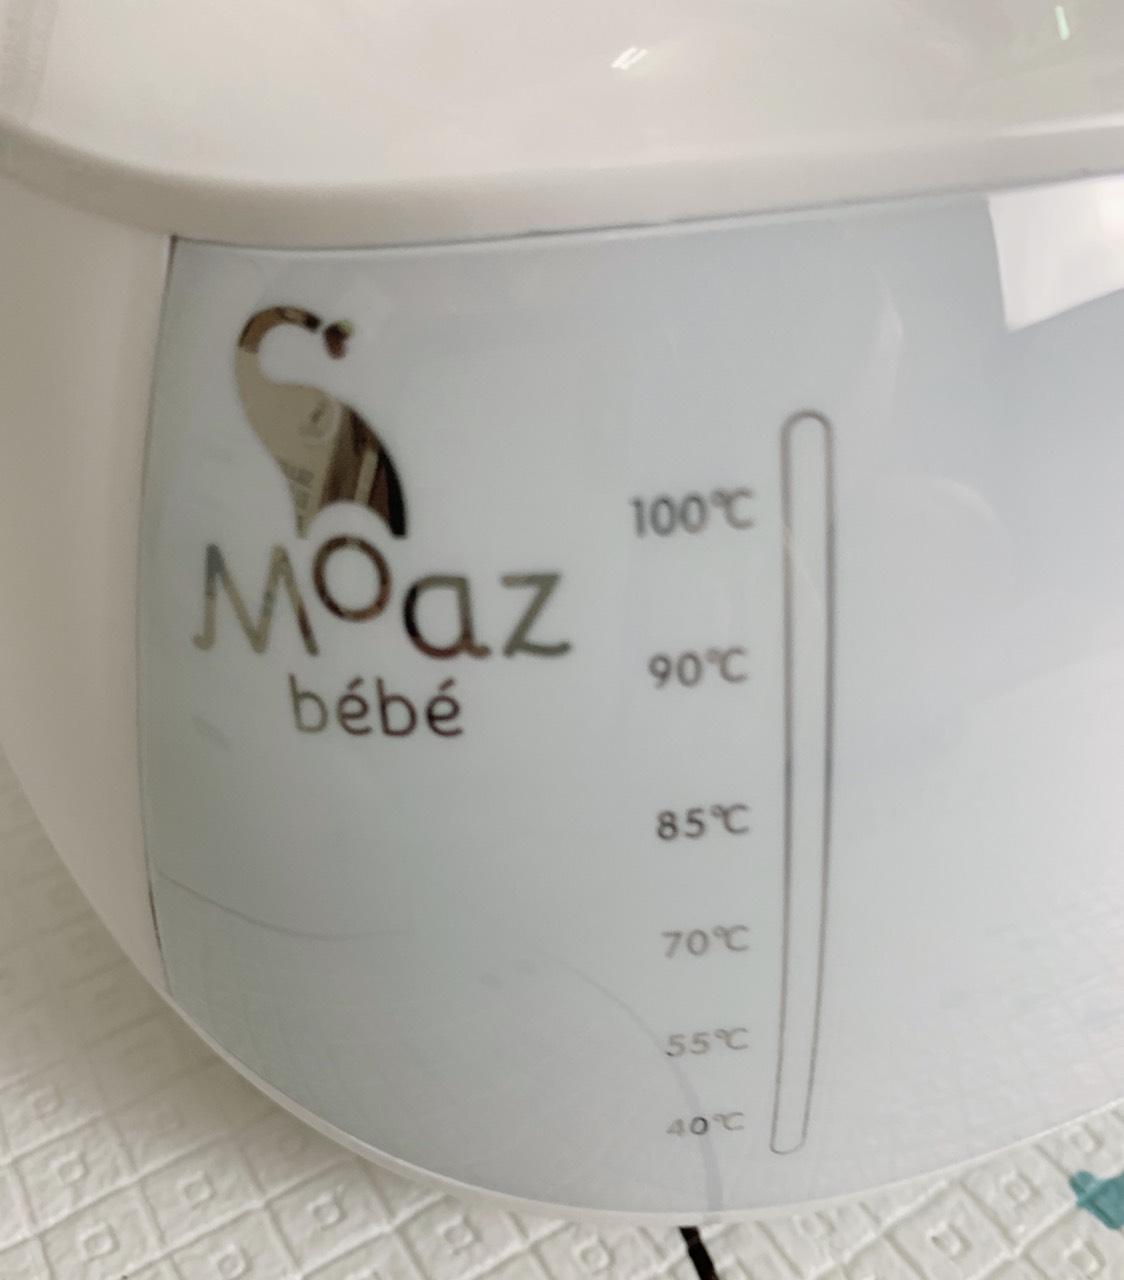 Bình đun nước thông minh Moaz Bebe MB-002 CHÍNH HÃNG